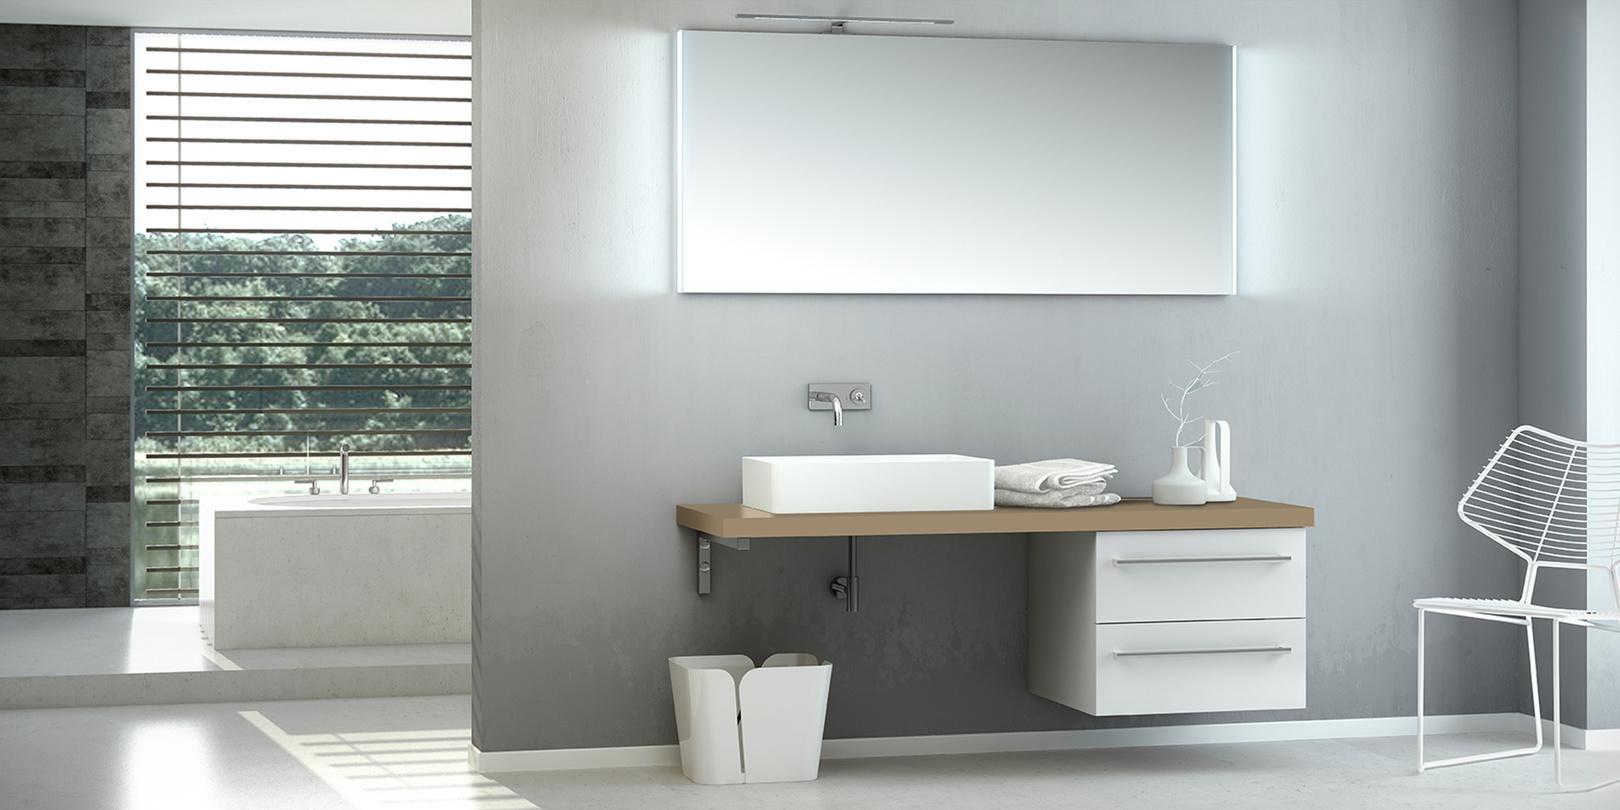 Zeitlose ARTIQUA 113 Badmöbel #waschtisch #badezimmerschrank #badmöbel  ©ARTIQUA